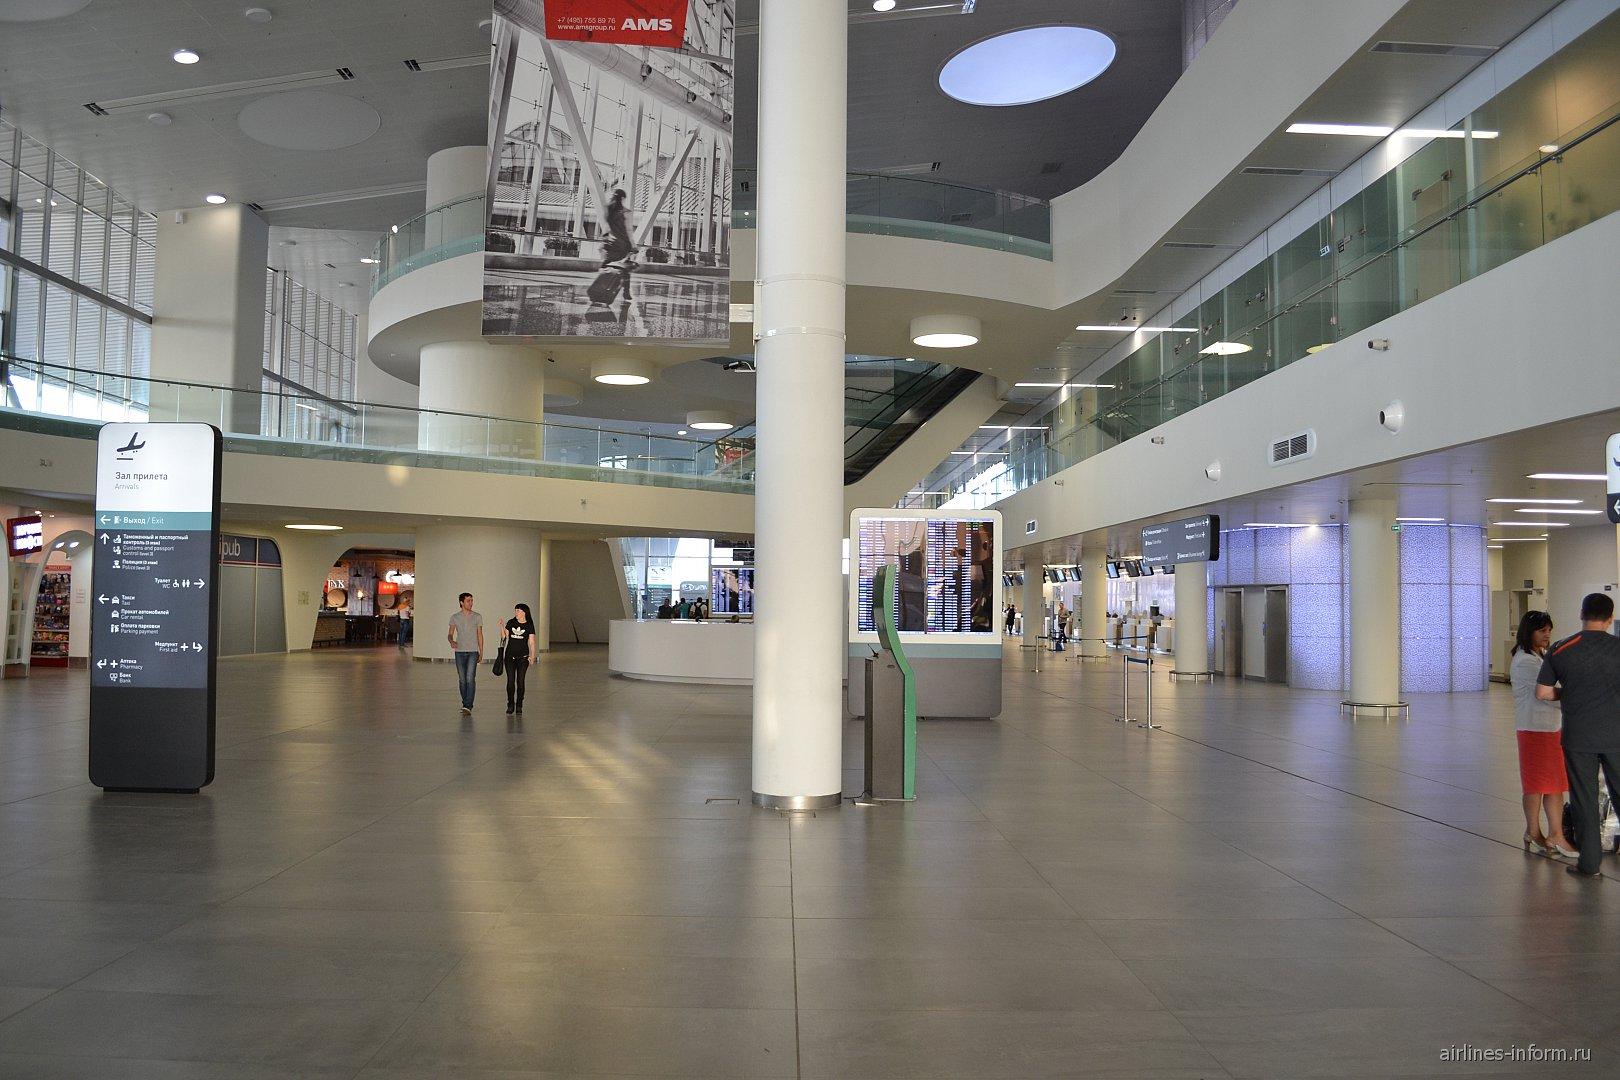 Общий вид пассажирского терминала аэропорта Самара Курумоч